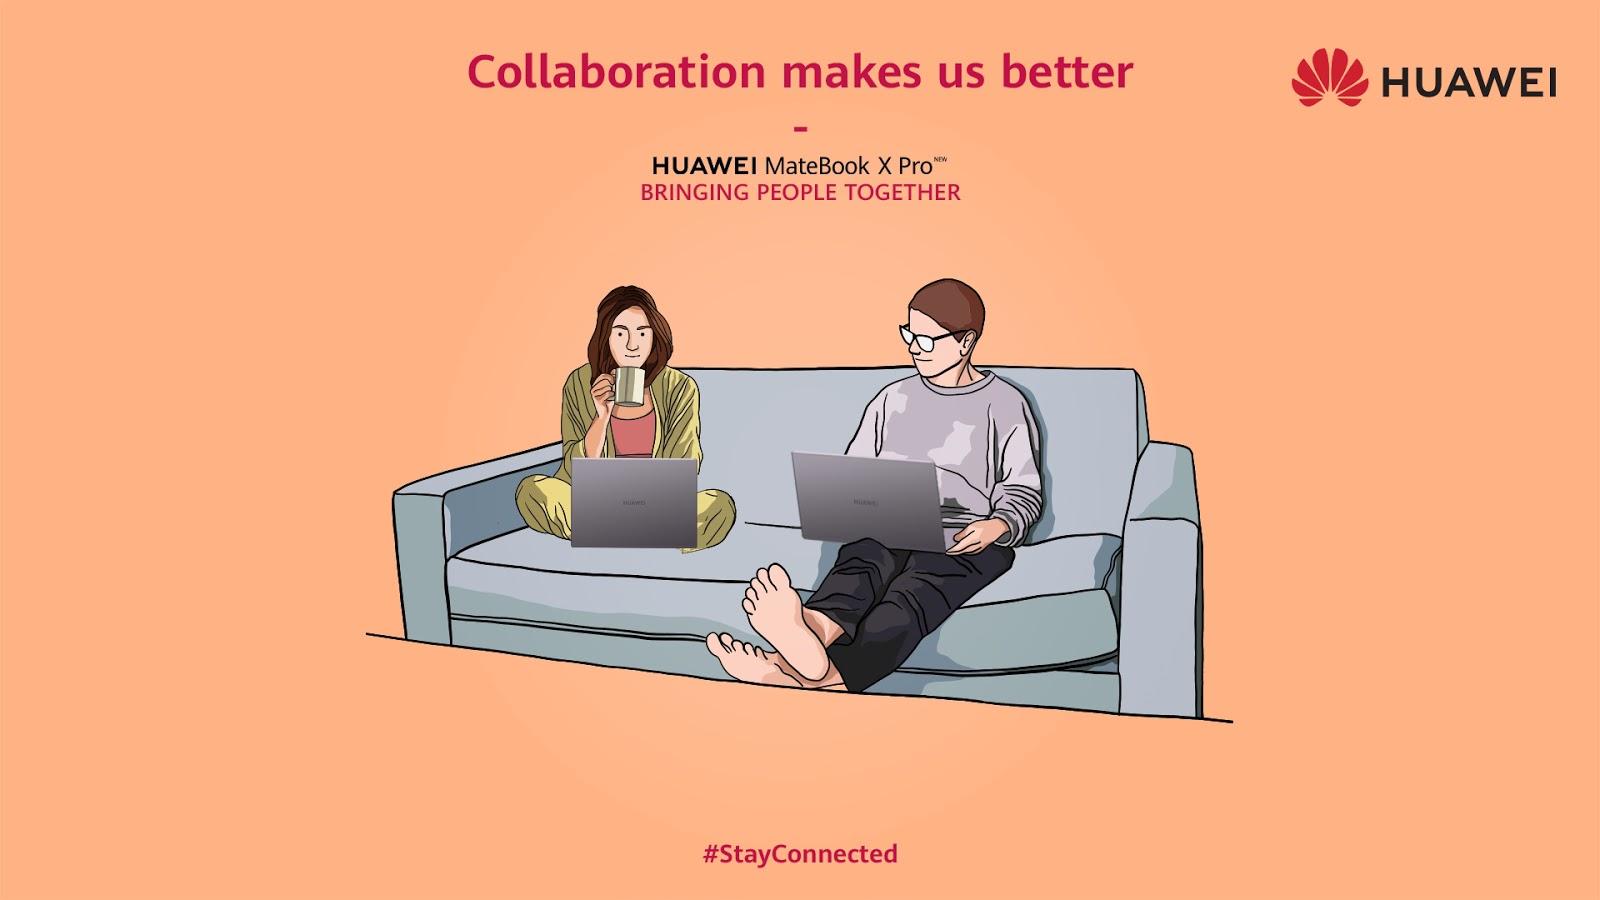 """Huawei เปิดตัว 4 ผลิตภัณฑ์ใหม่ ในกลุ่มแล็ปท็อปและแท็บเล็ตสำหรับ """"Work & Play""""นำโดยสองแล็ปท็อป HUAWEI MateBook X Pro และ HUAWEI MateBook D 14มาพร้อมสองแท็บเล็ต HUAWEI MatePad และ HUAWEI MatePad T 8เริ่มจองได้ตั้งแต่วันนี้ ถึง 12 มิถุนายน!"""